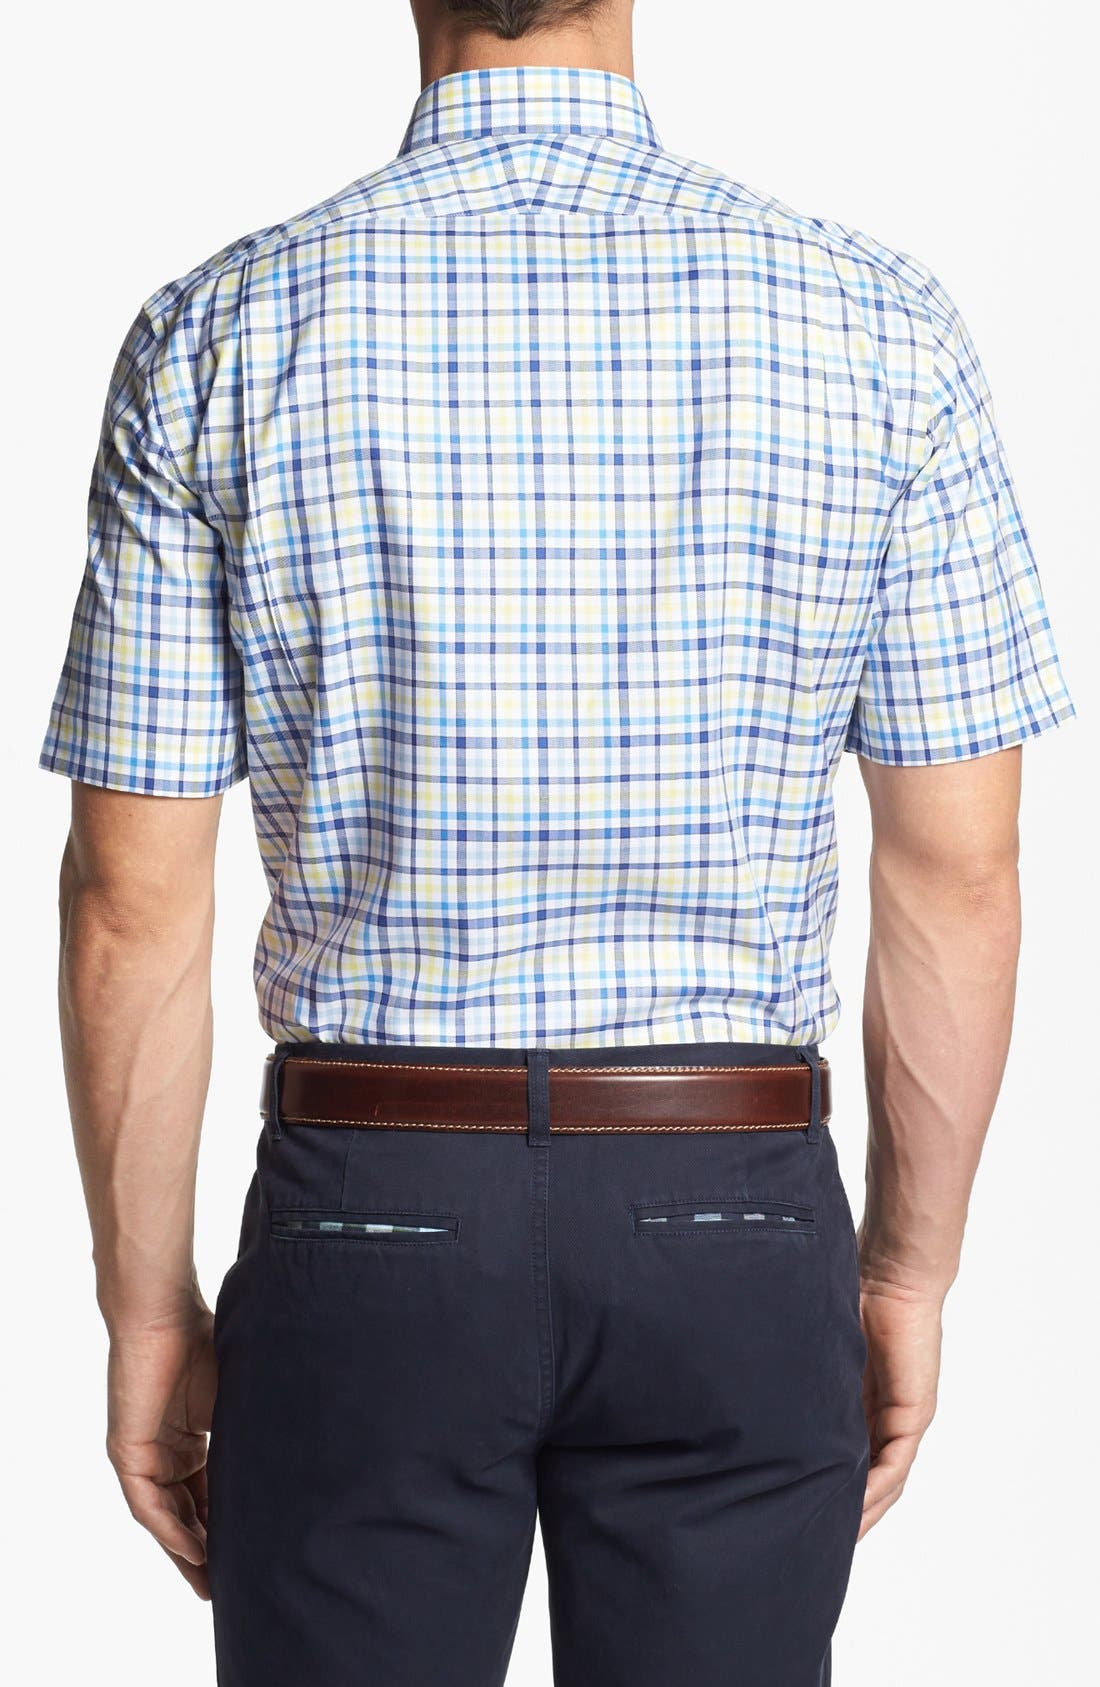 Alternate Image 2  - Nordstrom Smartcare™ Traditional Fit Short Sleeve Dress Shirt